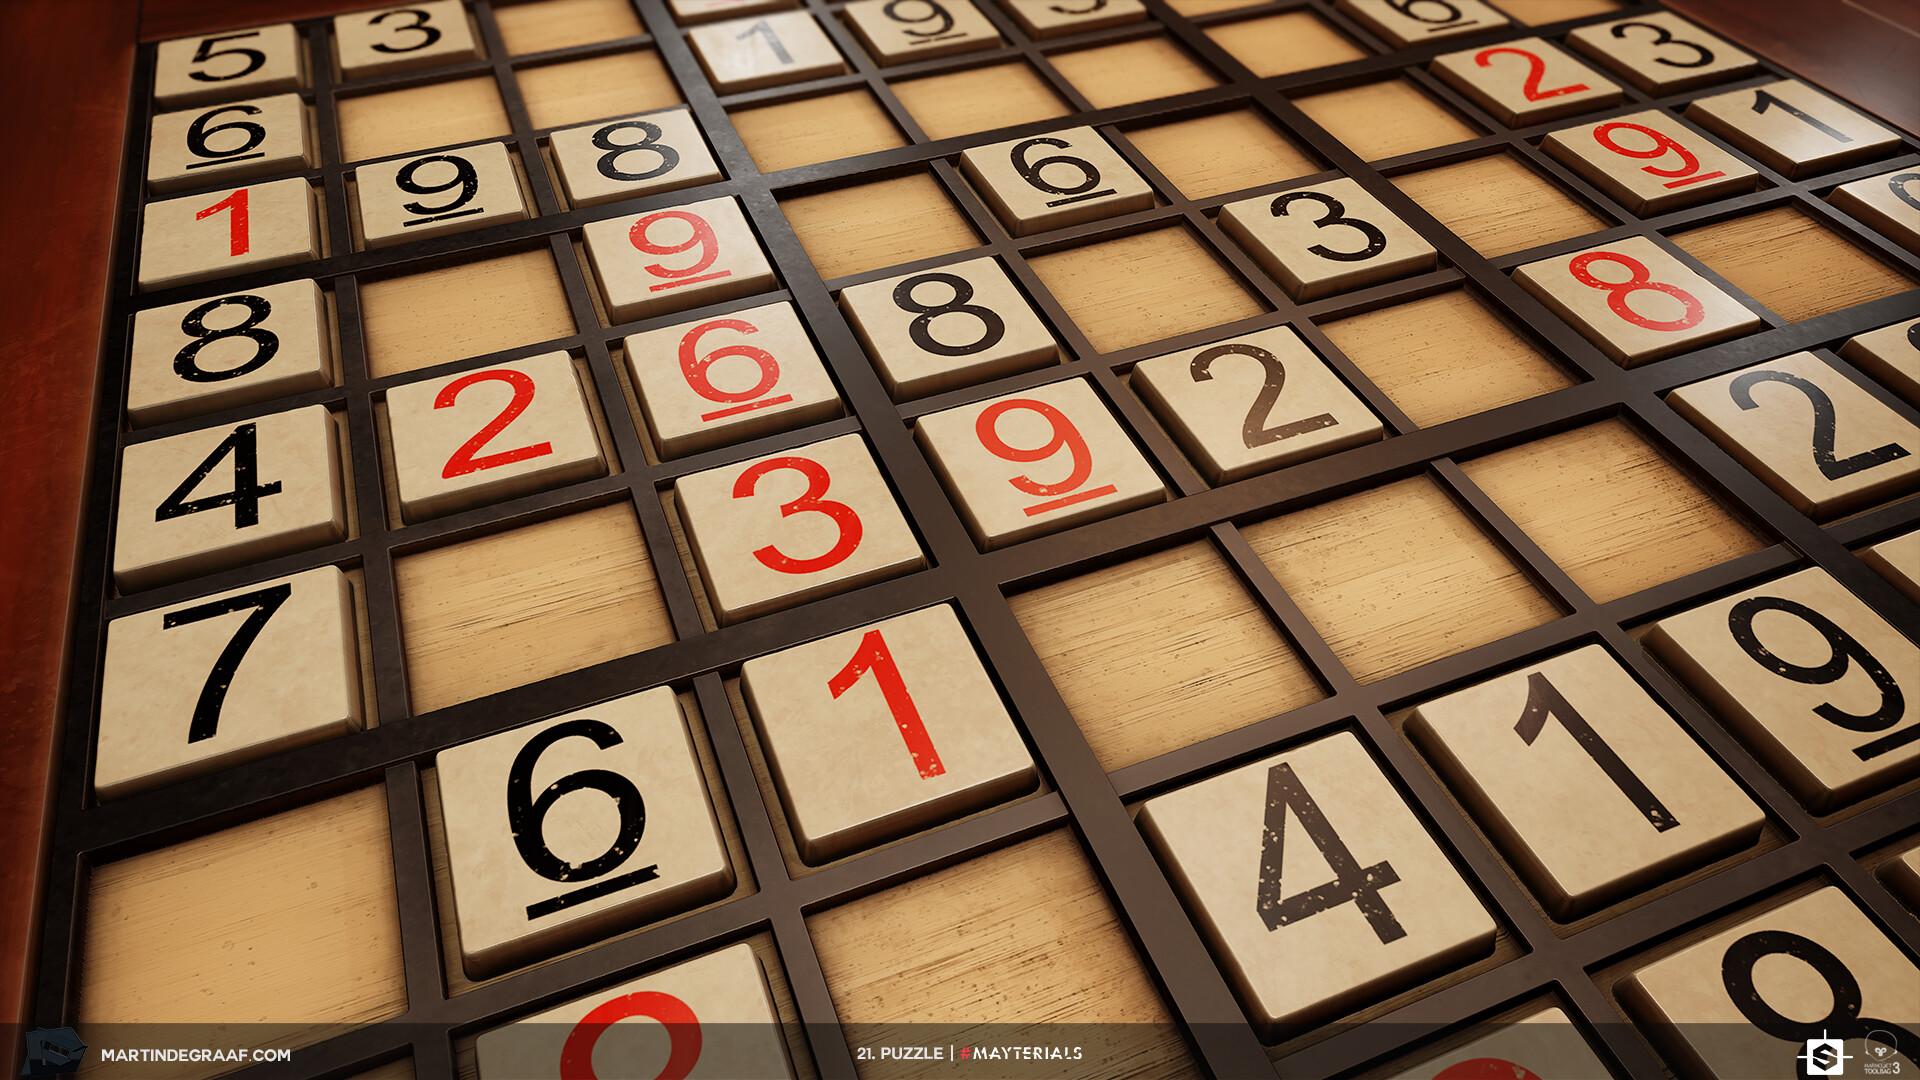 21. Puzzle